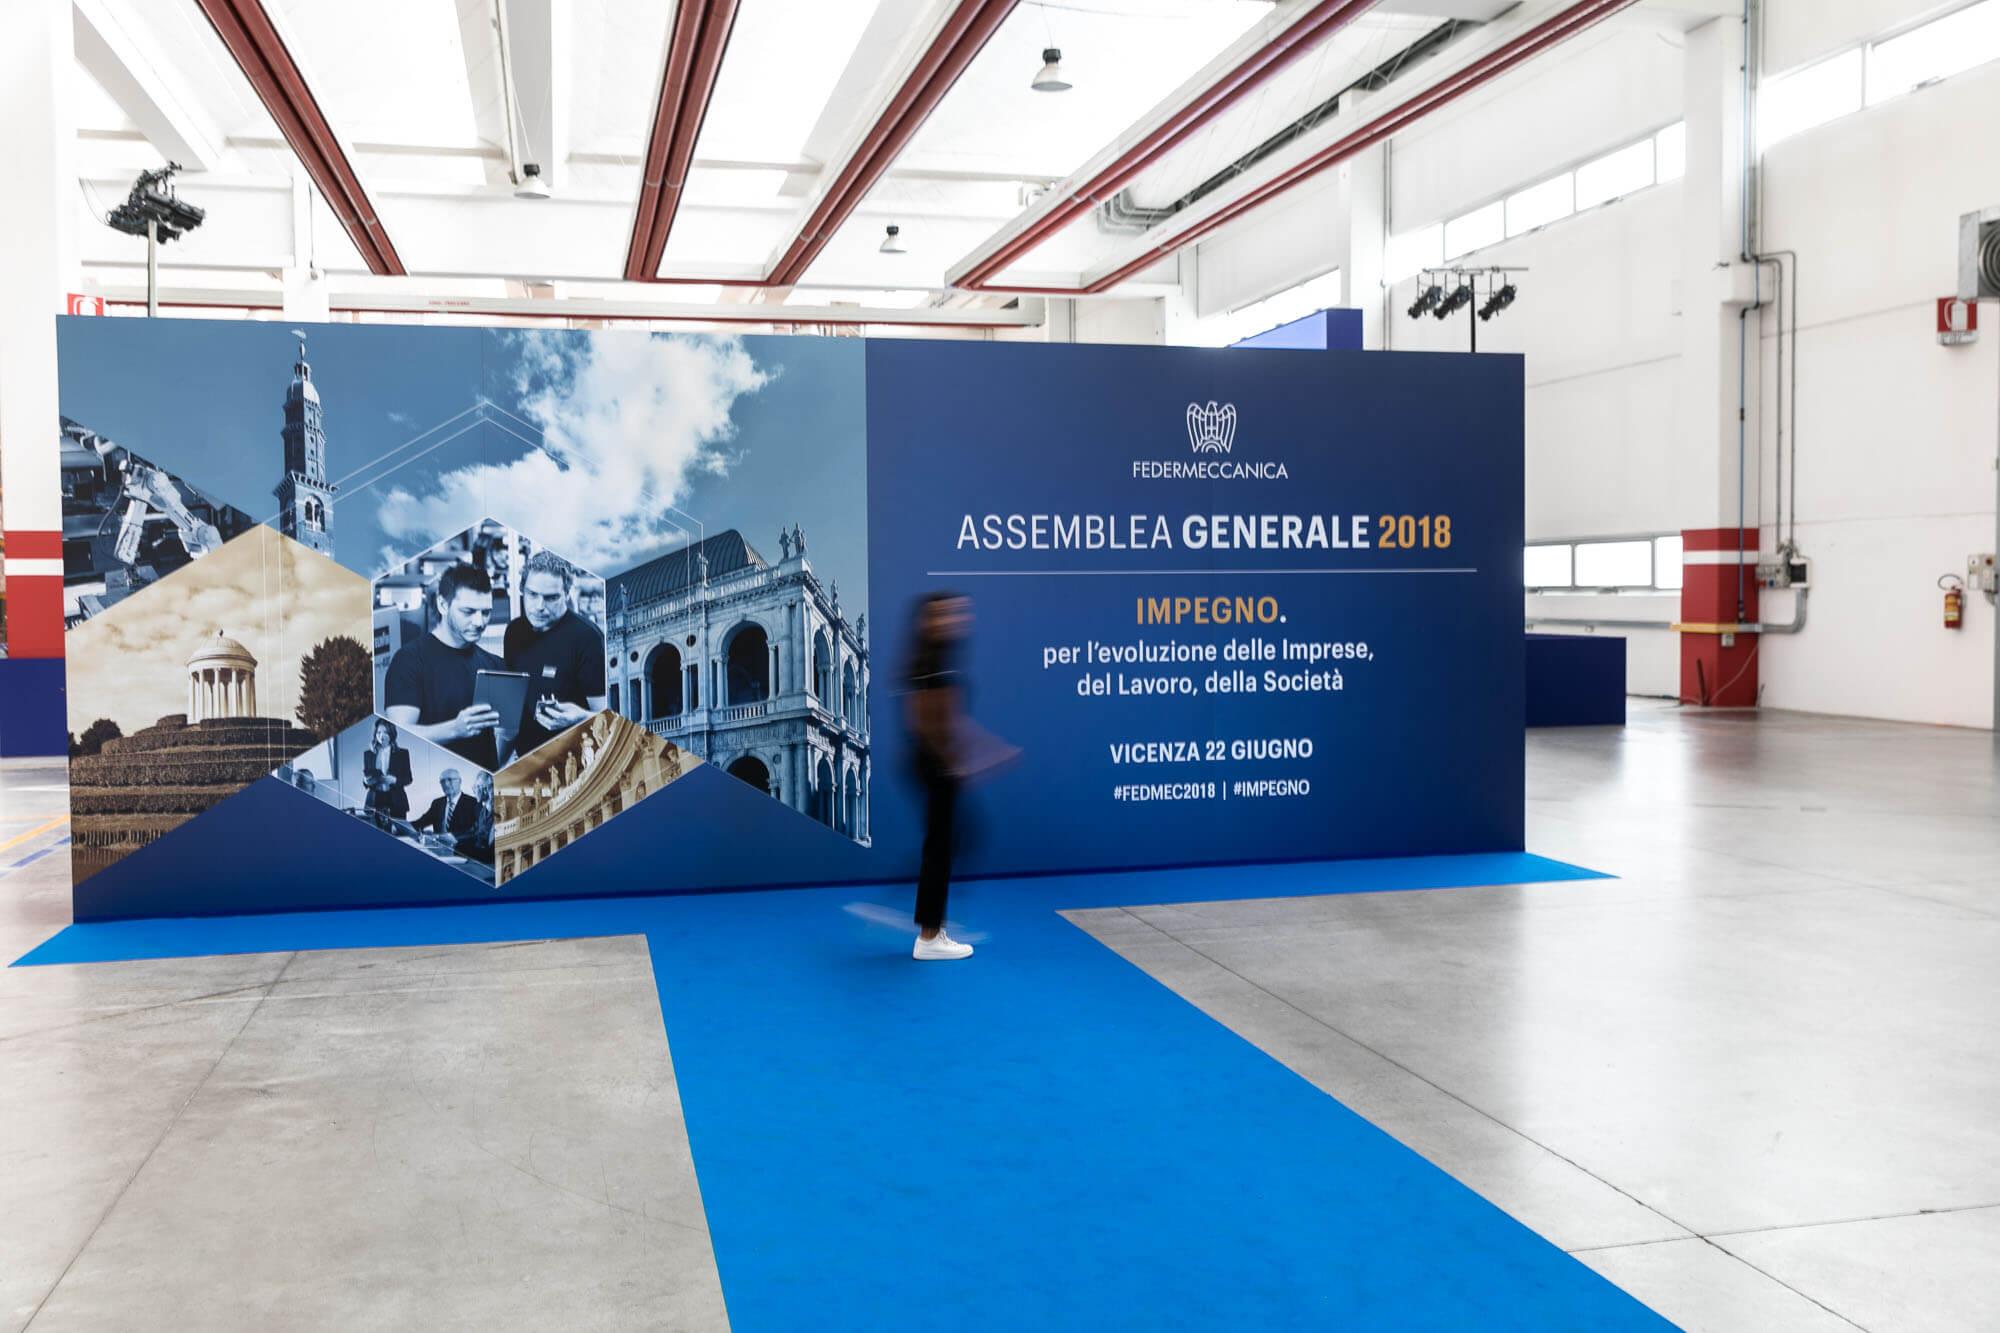 Assemblea generale 2018 Federmeccanica